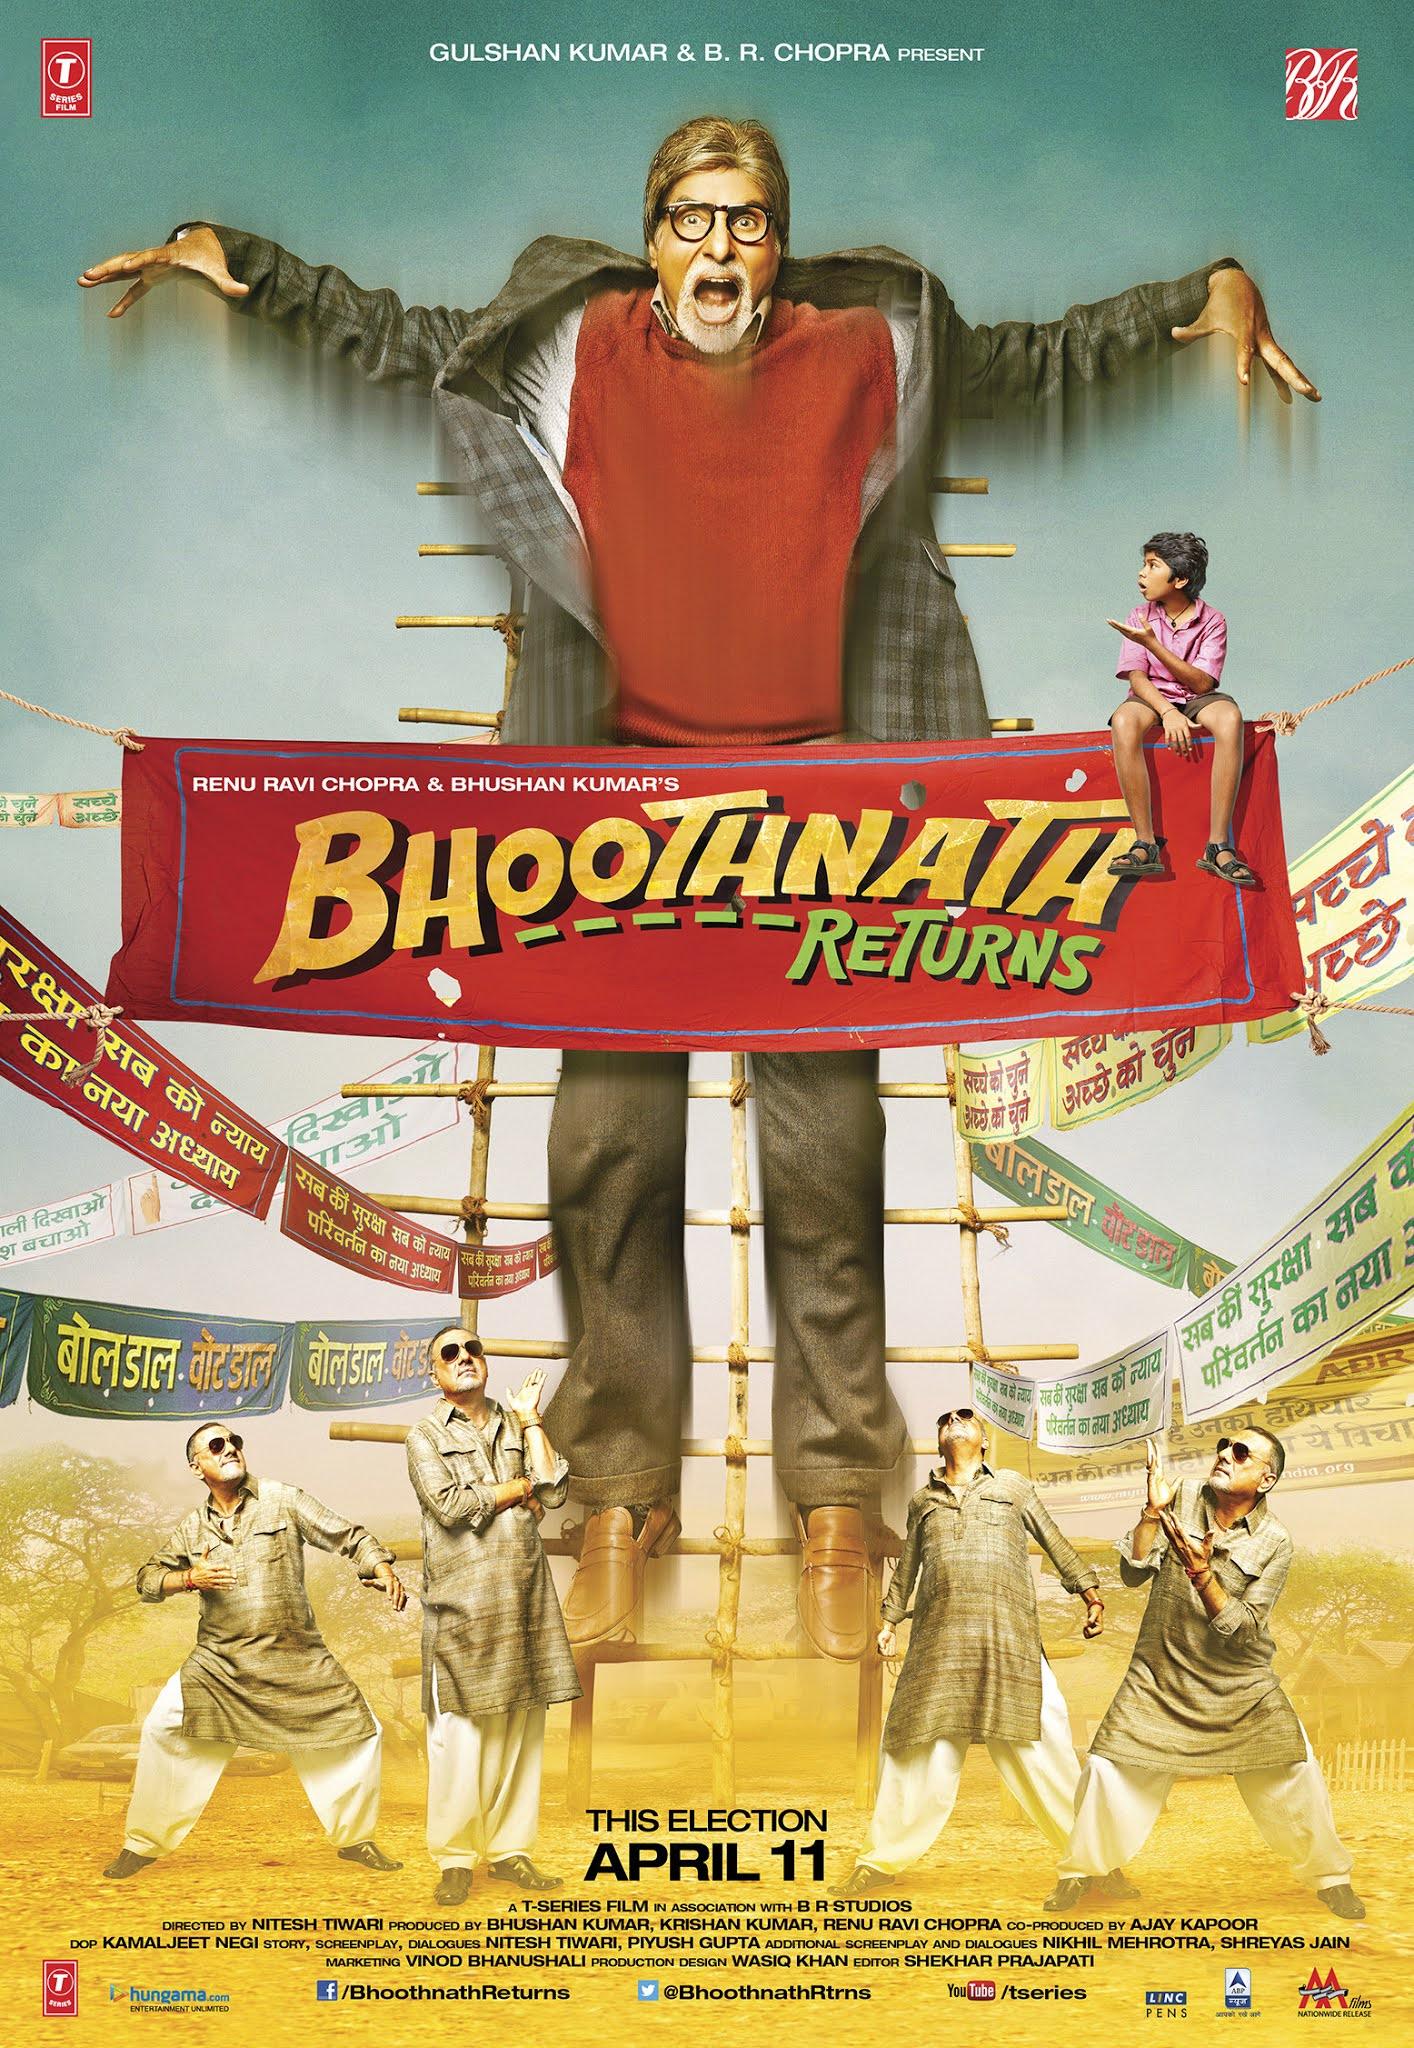 Bhoothnath Returns (2014) 1080p BluRay x265 10Bits AC3 5.1 HEVC – DJRG